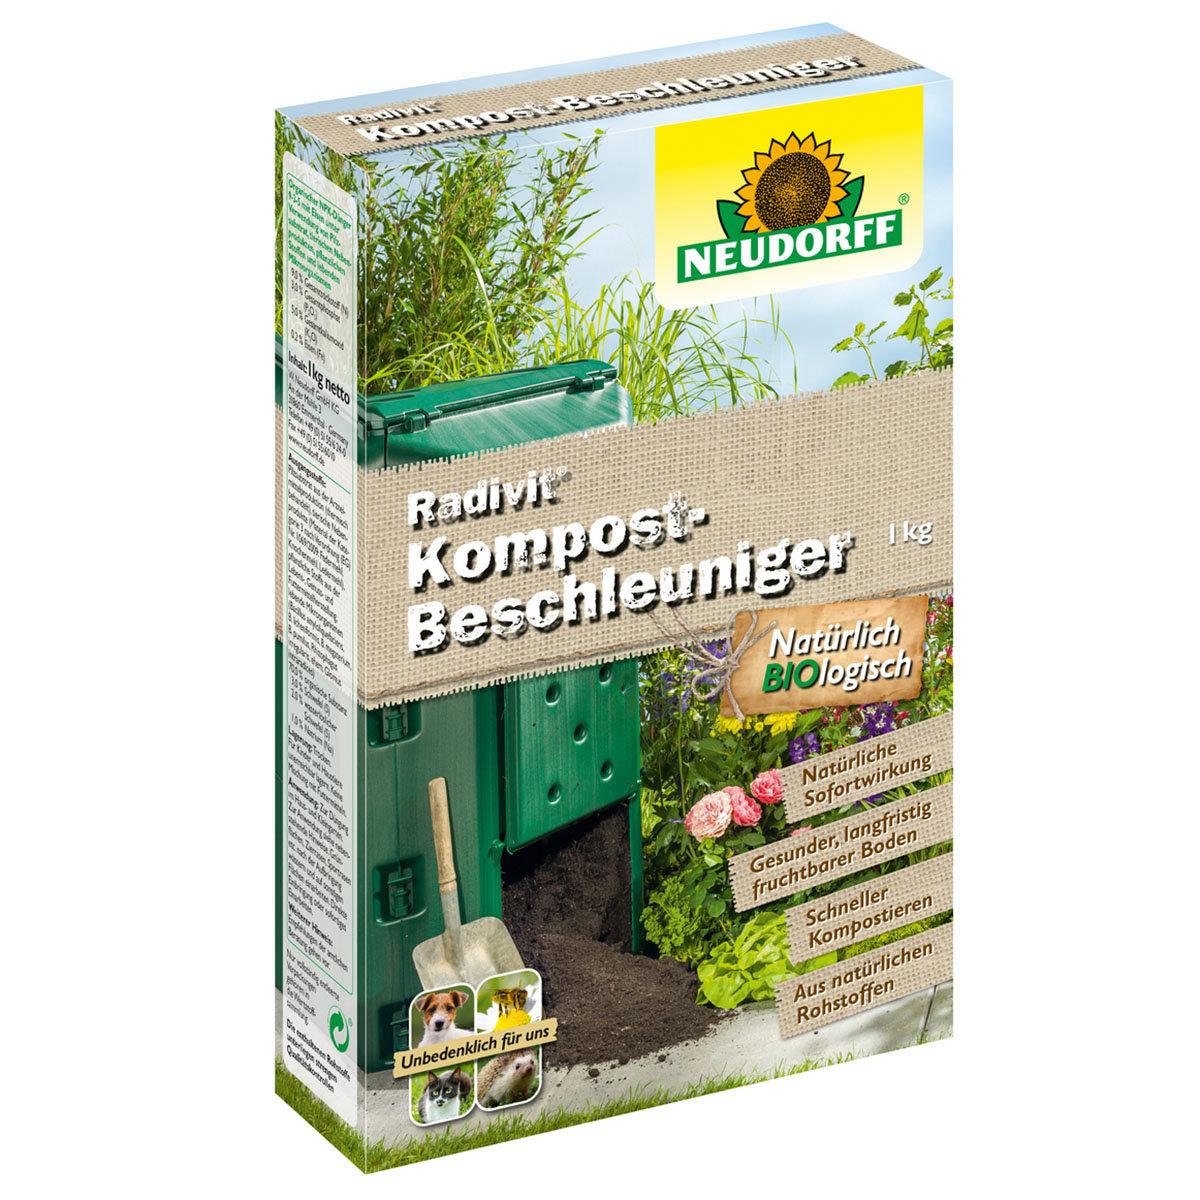 Radivit® Kompost-Beschleuniger, 1,75 kg